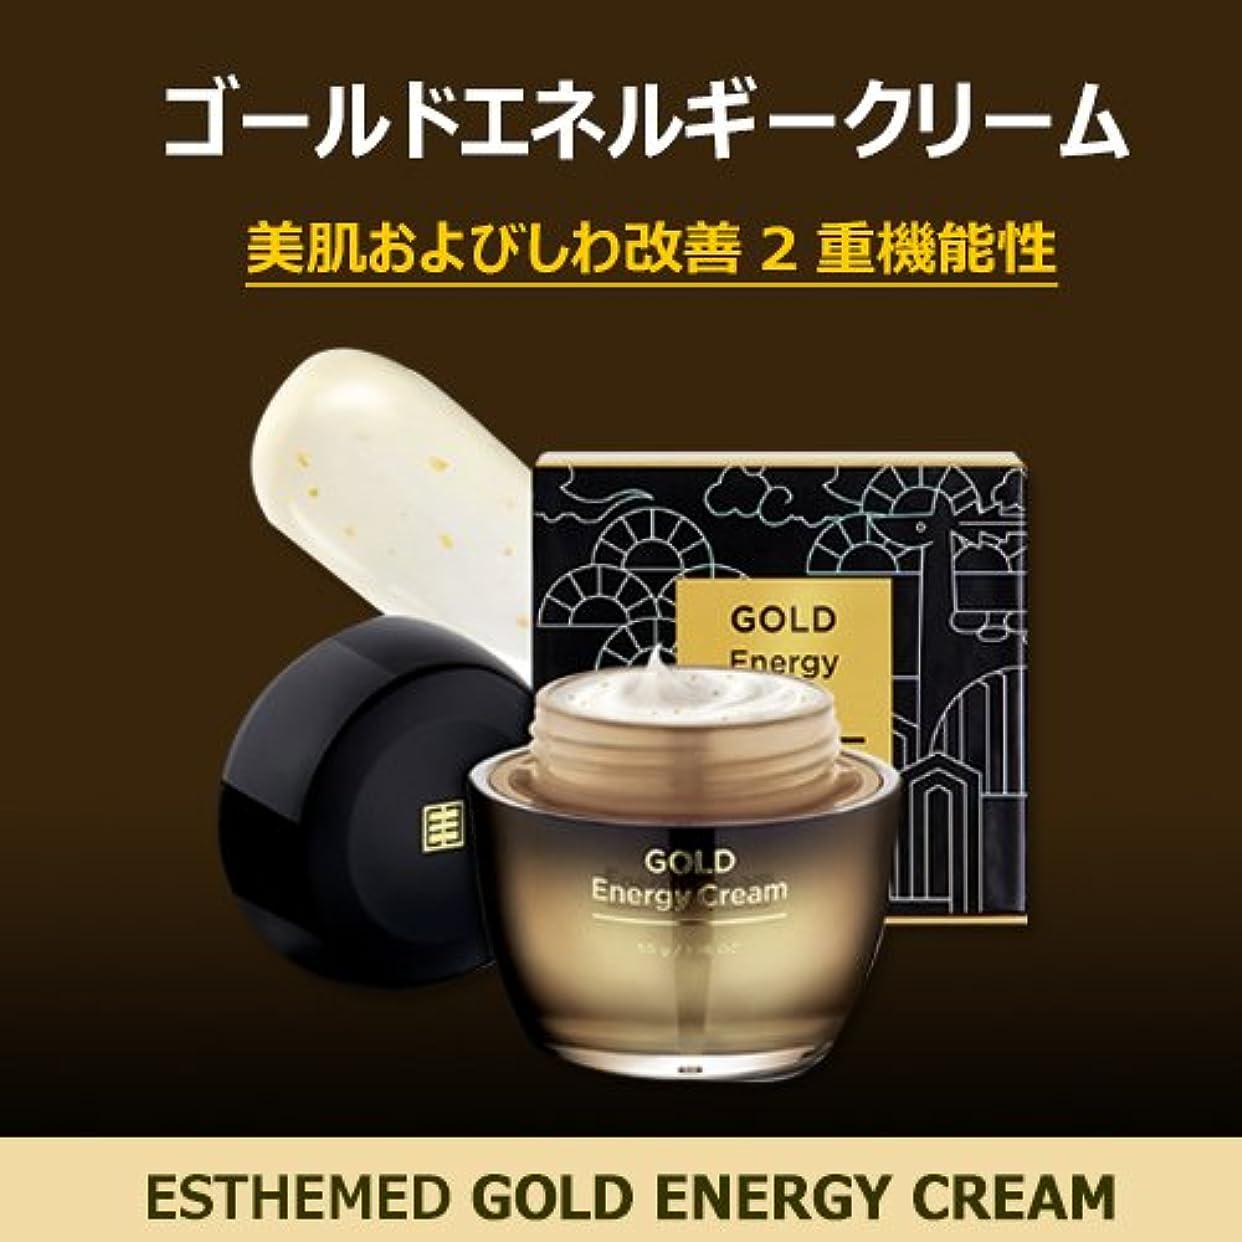 ほぼ入手します落胆したESTHEMED 【NEW!! エステメドゴールドエネルギークリーム】ESTHEMED GOLD Energy Cream 50g